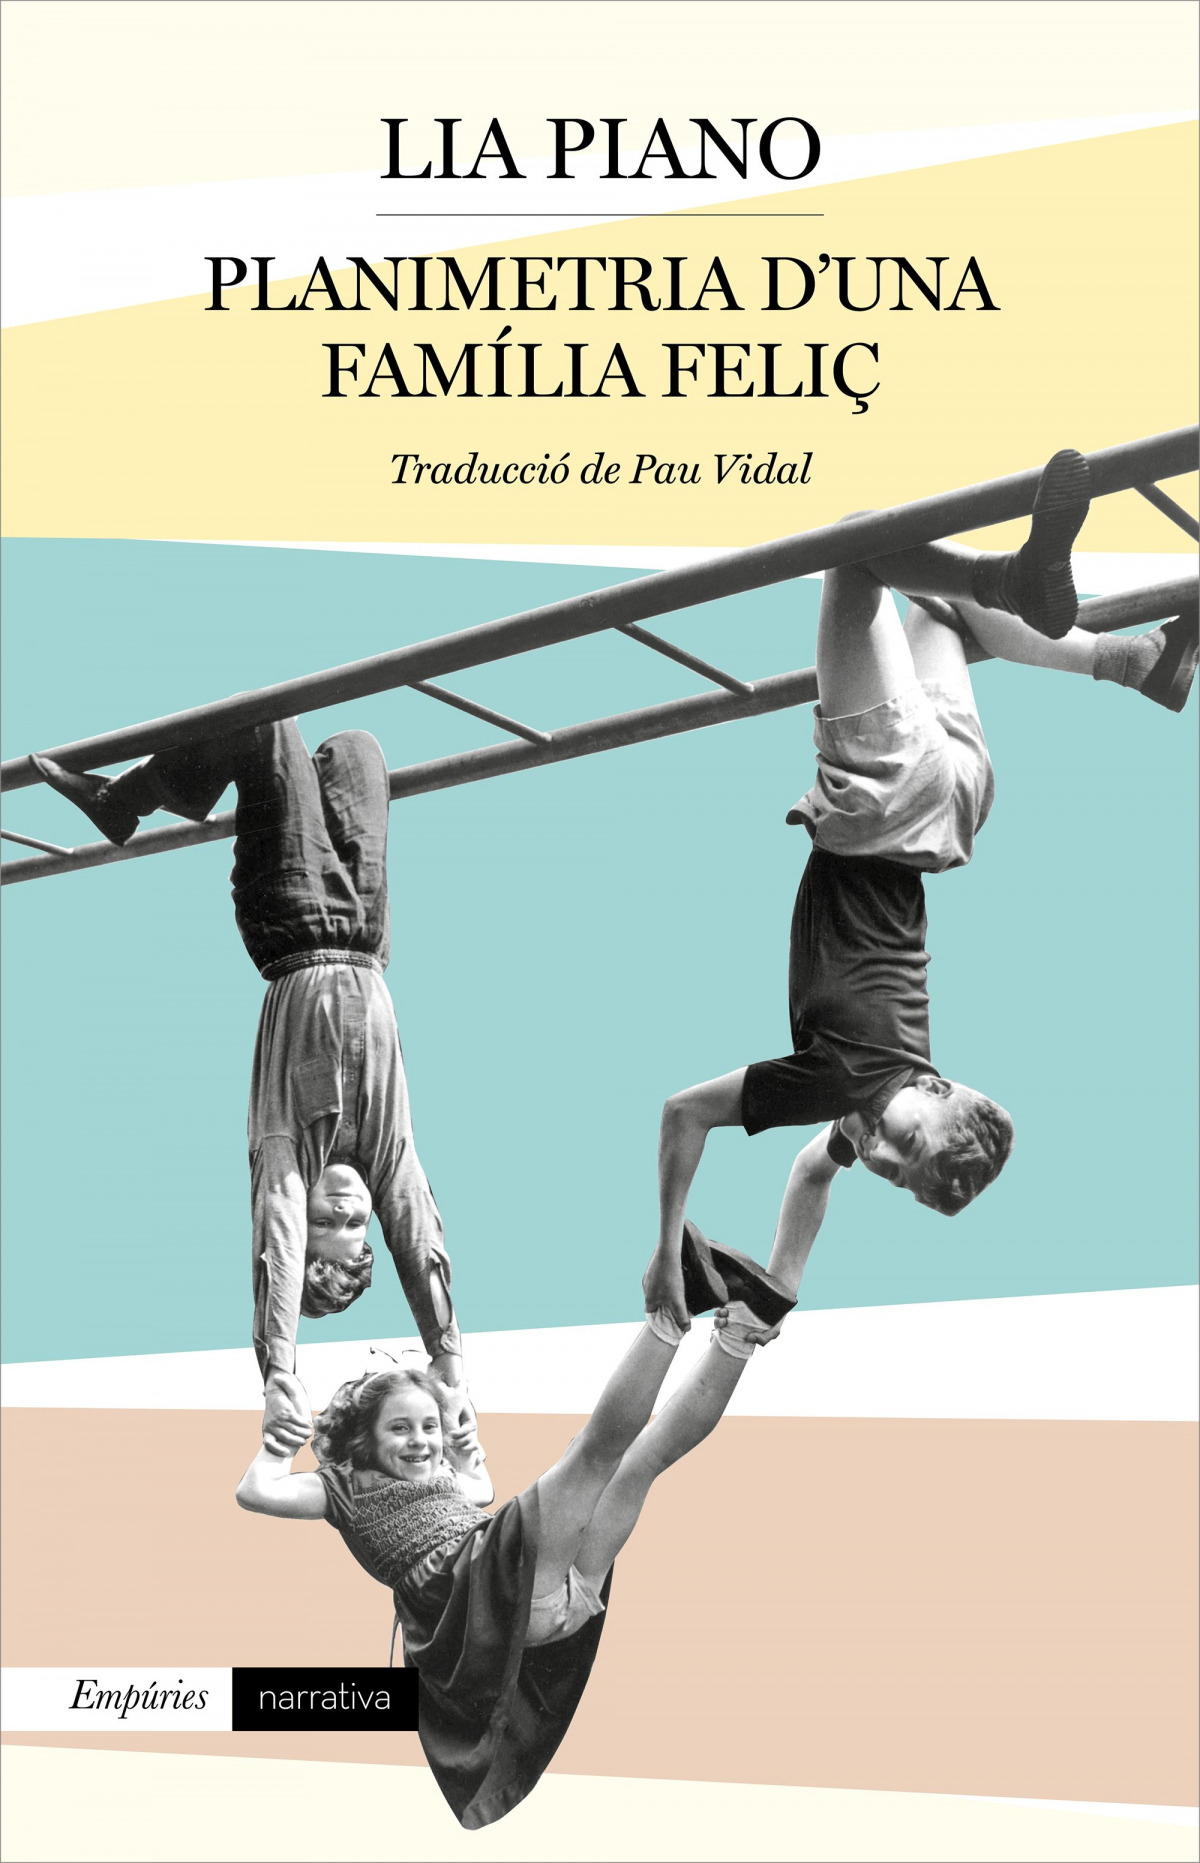 Planimetria d'una família feliç